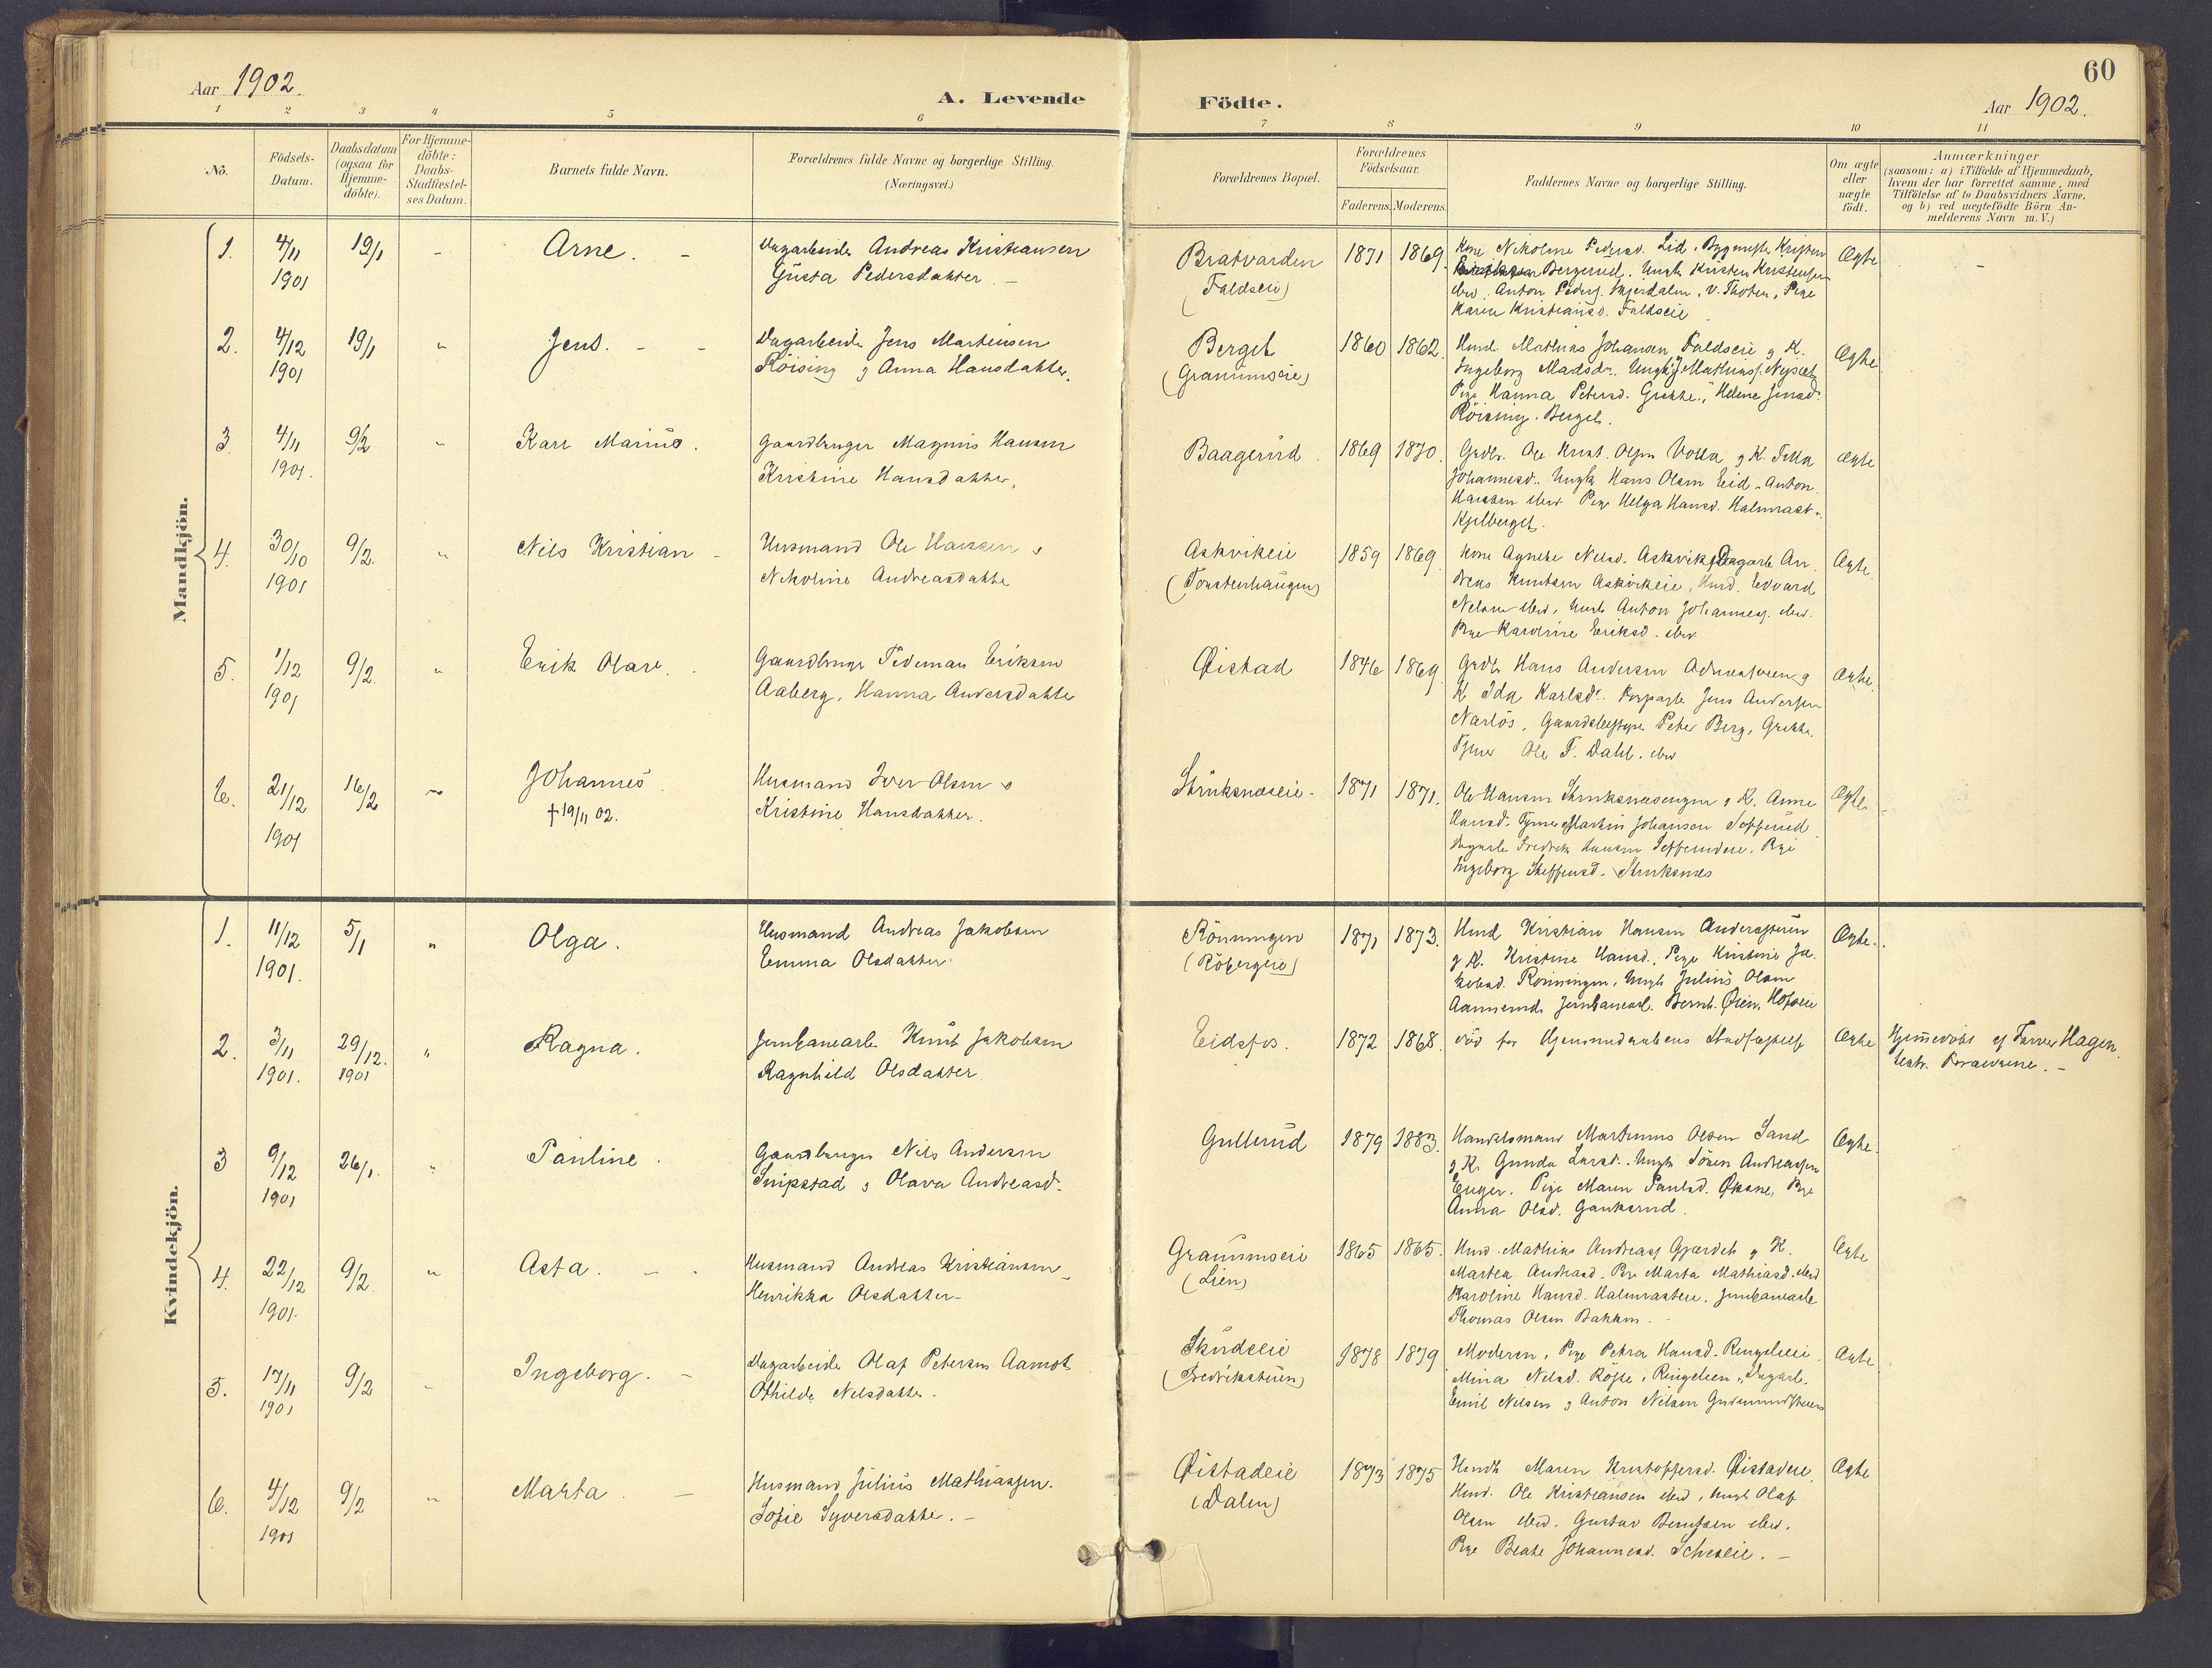 SAH, Søndre Land prestekontor, K/L0006: Ministerialbok nr. 6, 1895-1904, s. 60